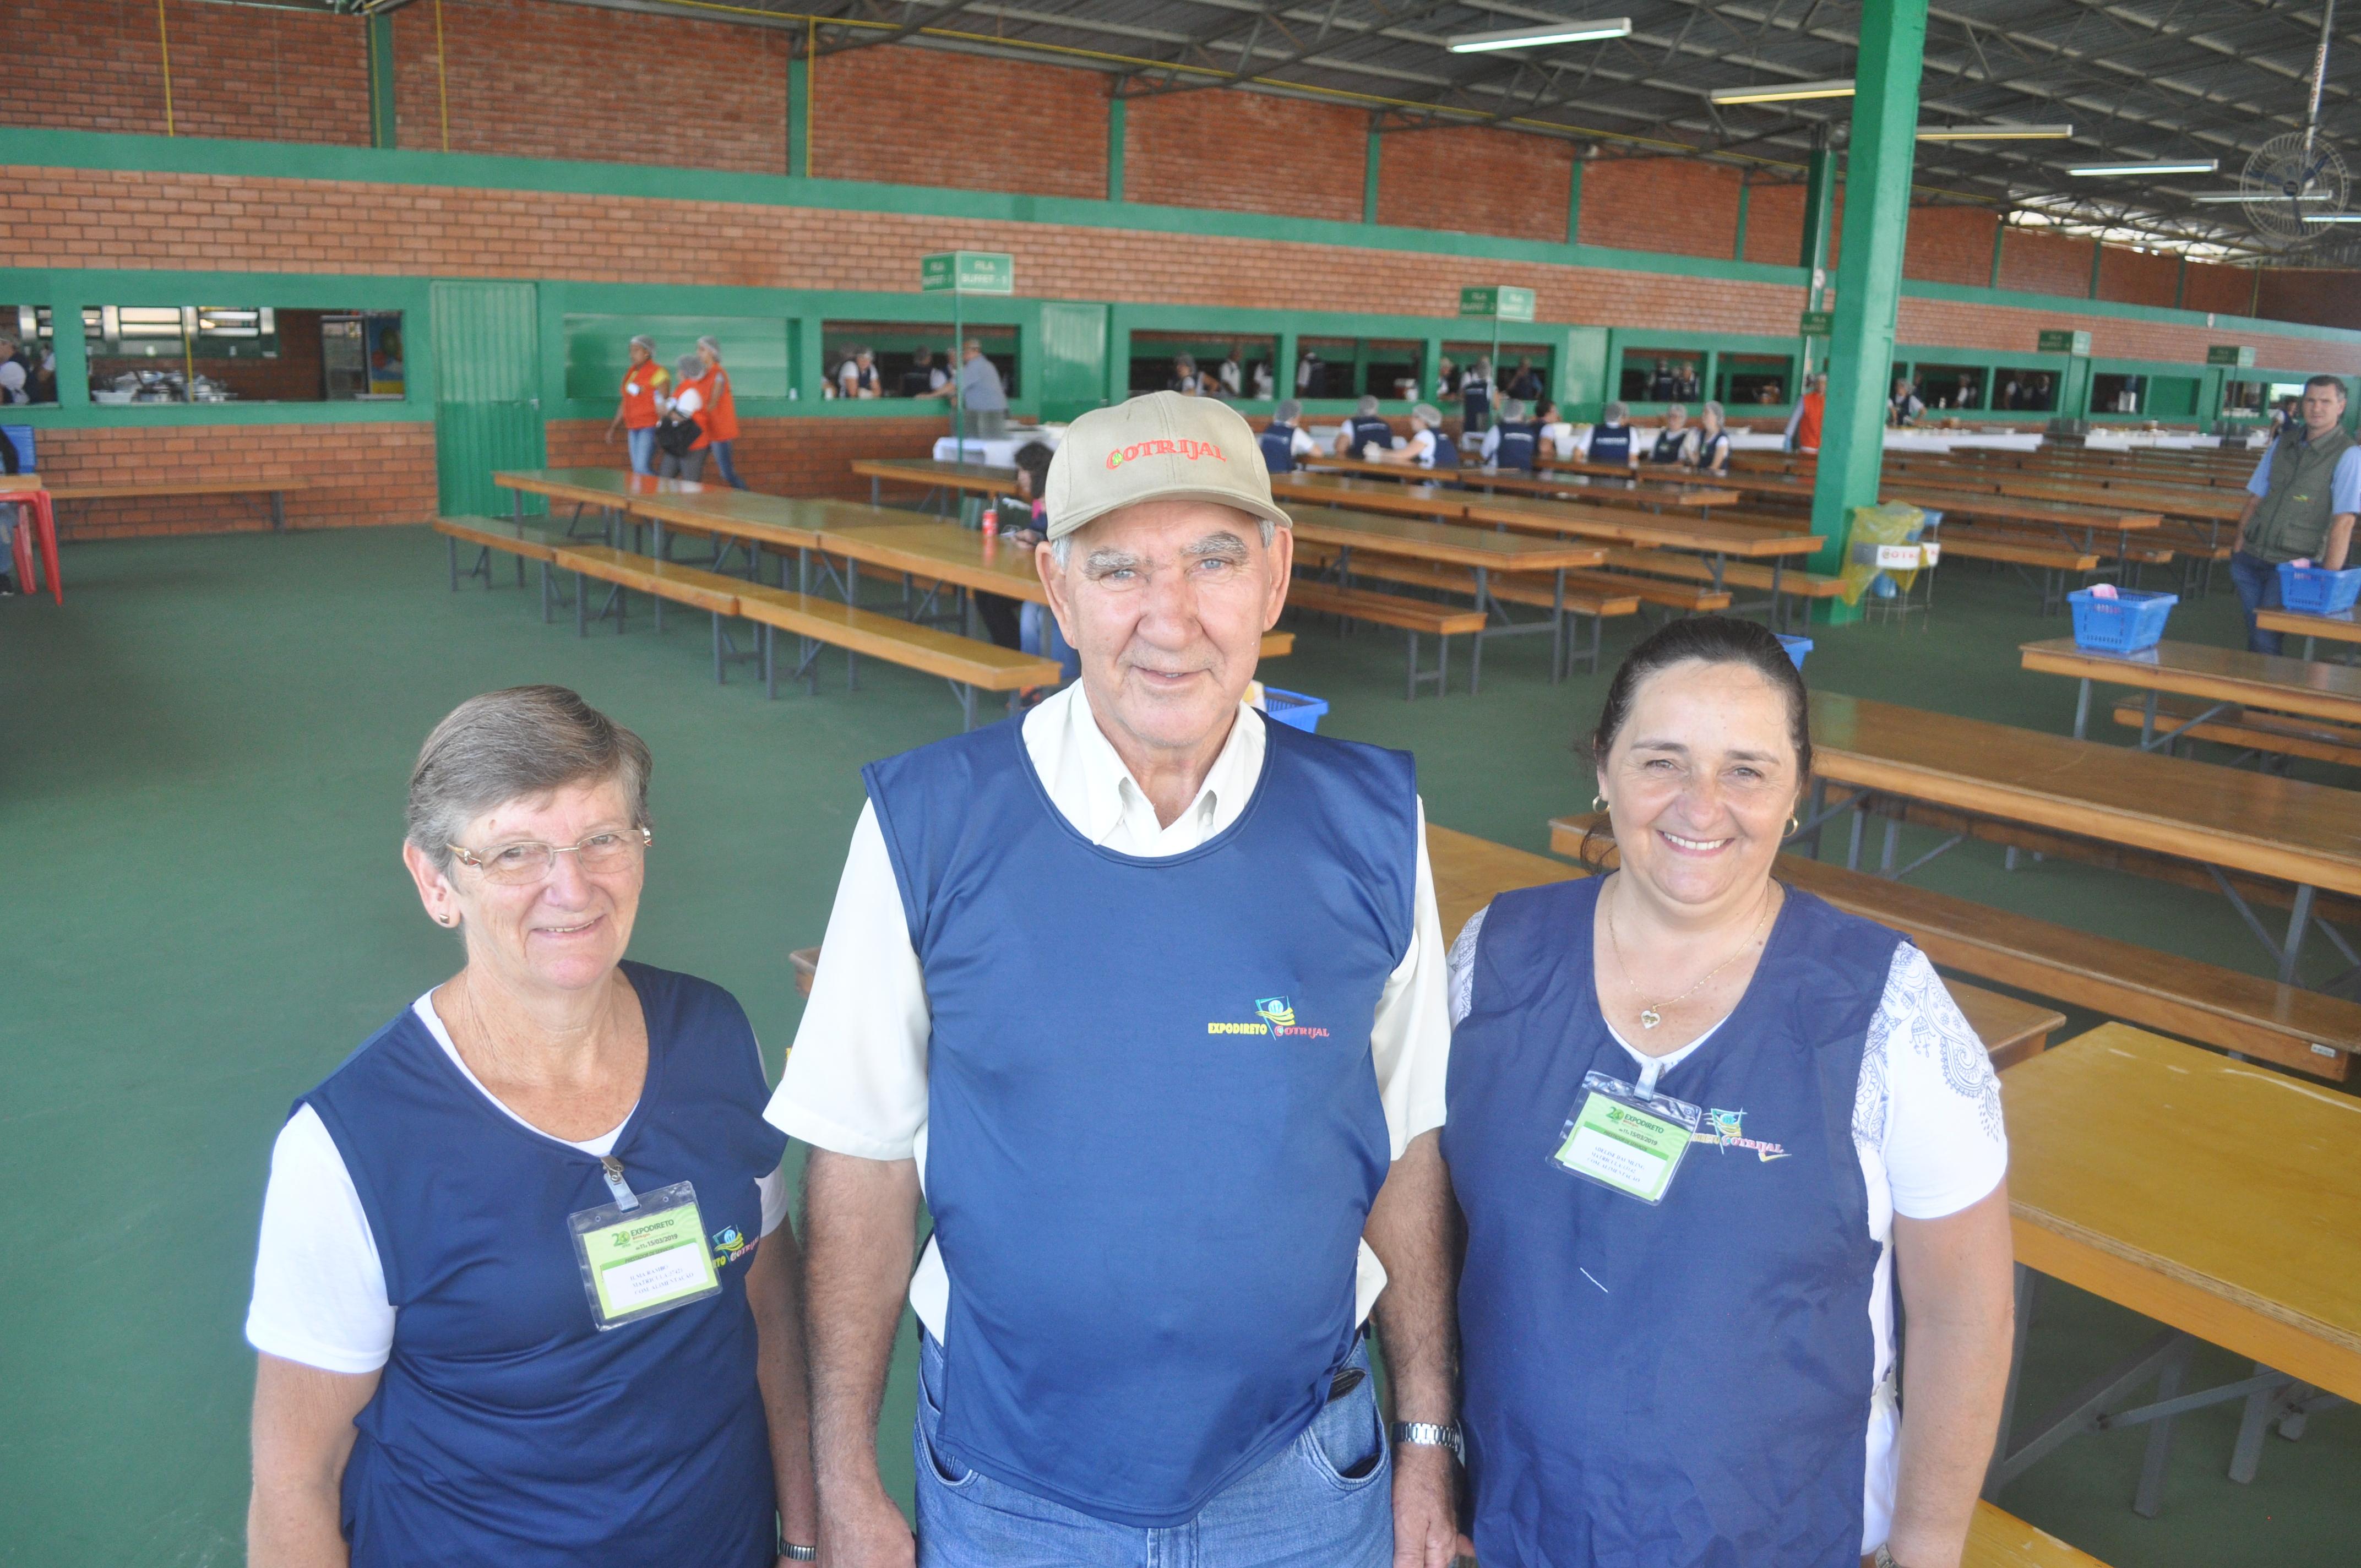 Da esquerda à direita: Ilma Rambo, Décio Kern e Adelise Daumling responsáveis, respectivamente, pelos setores de cozinha, assado e saladas